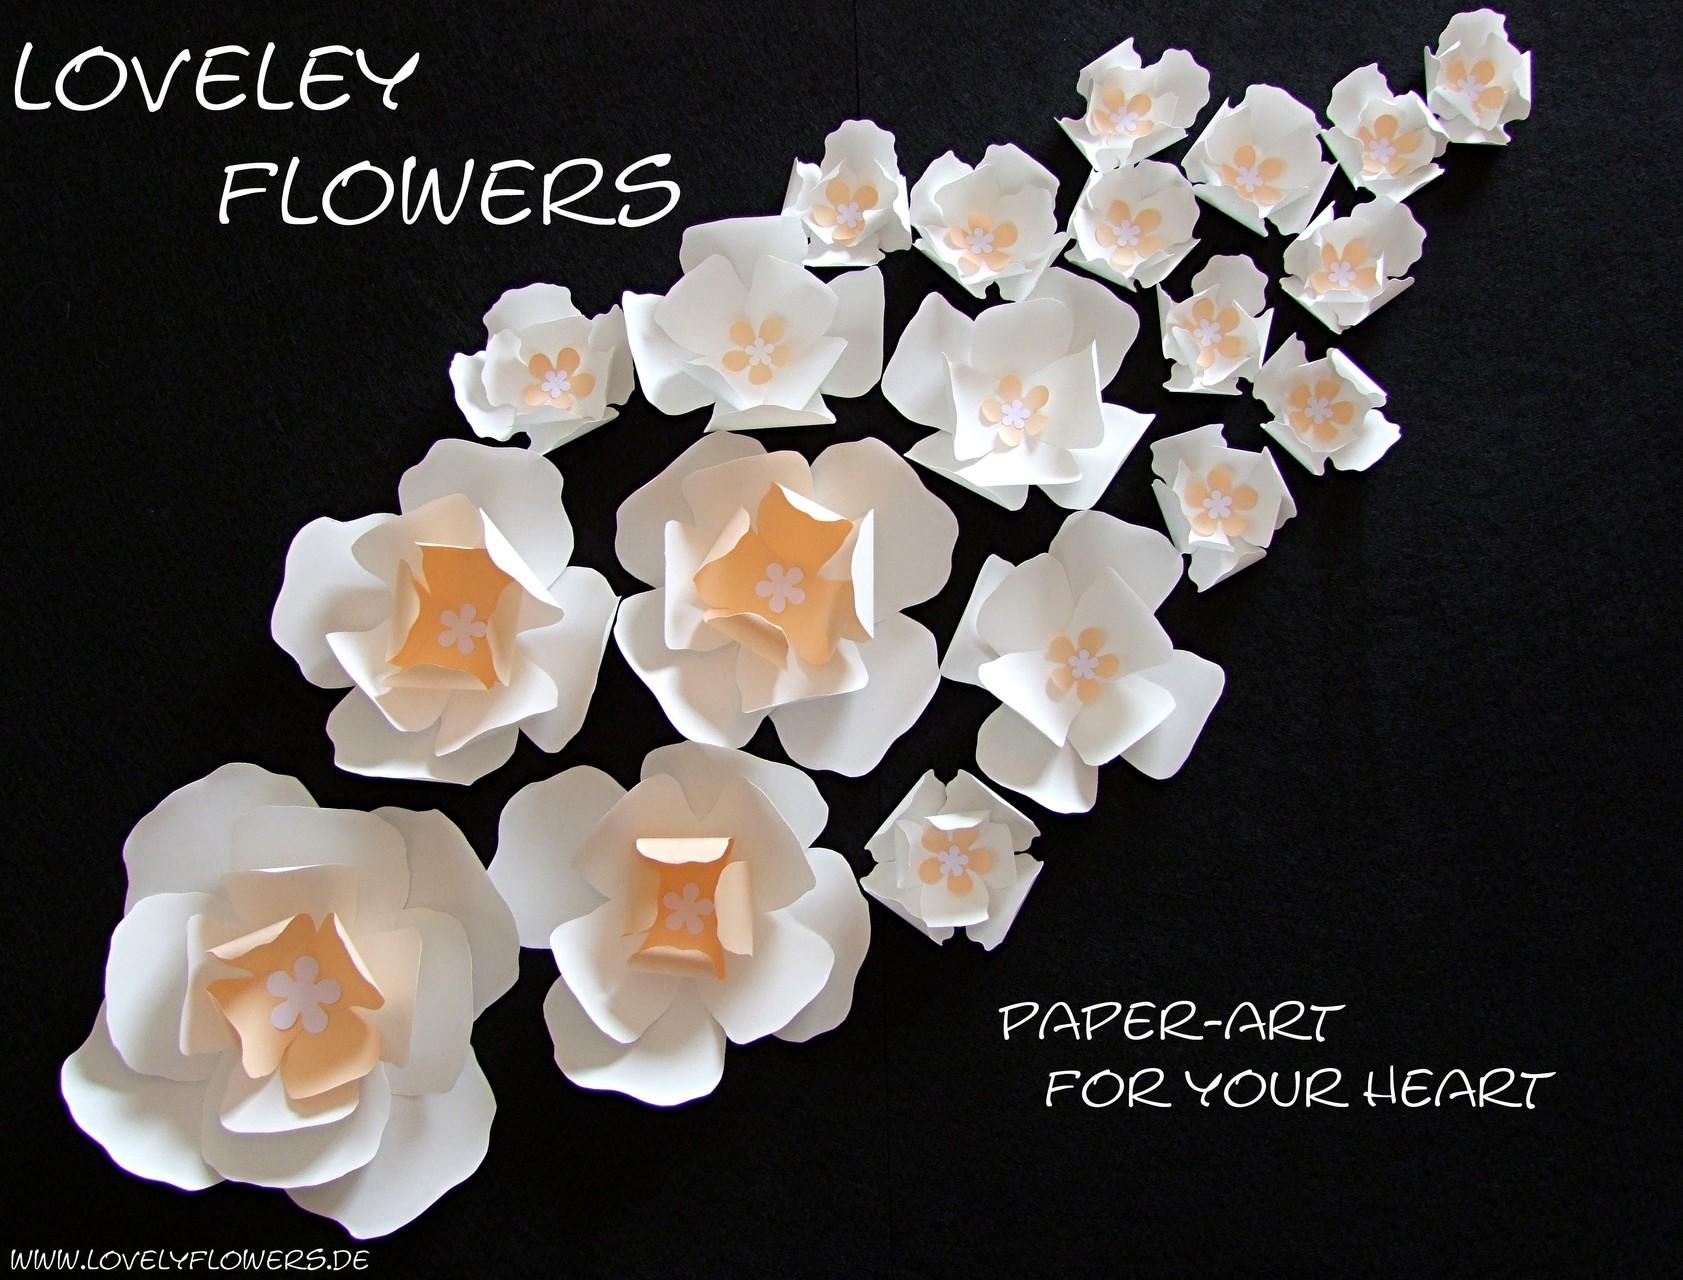 www.lovelyflowers.de - Dein Spezialist für PAPER-ART-Blumen Wandtattoos in 3D!